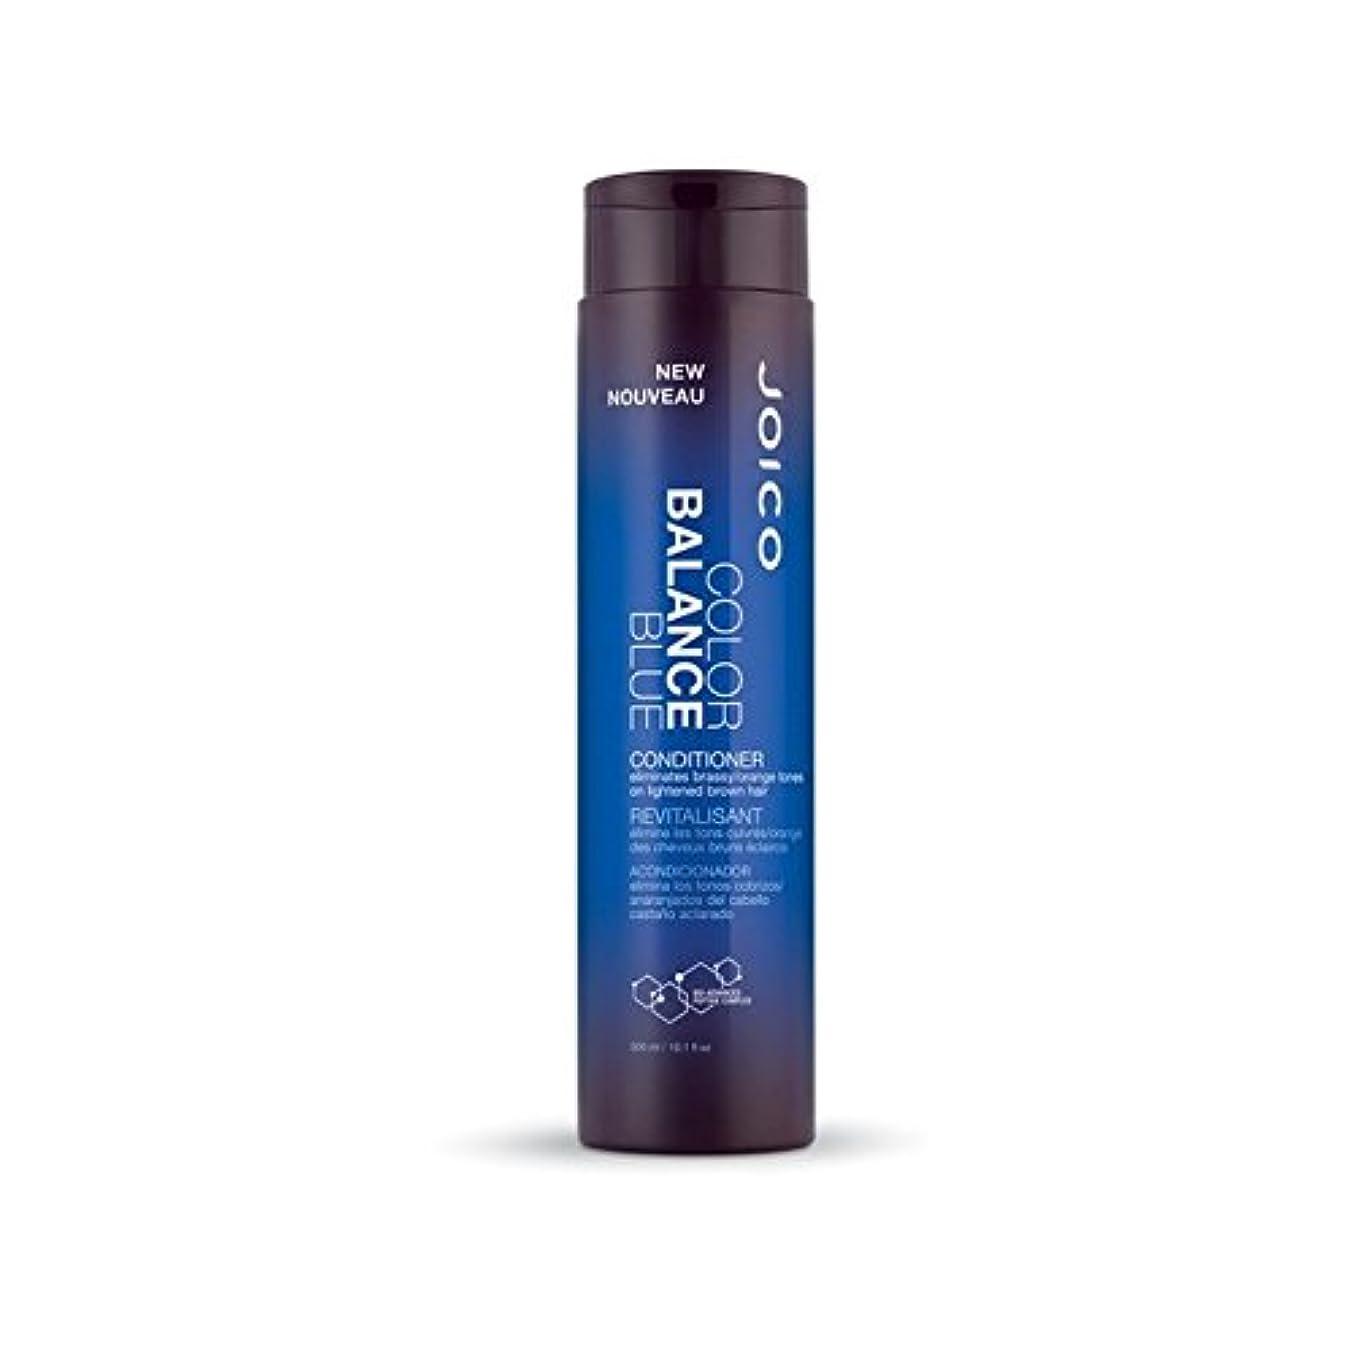 千抗生物質ドライブジョイコカラーバランスブルーコンディショナー300ミリリットル x4 - Joico Color Balance Blue Conditioner 300ml (Pack of 4) [並行輸入品]